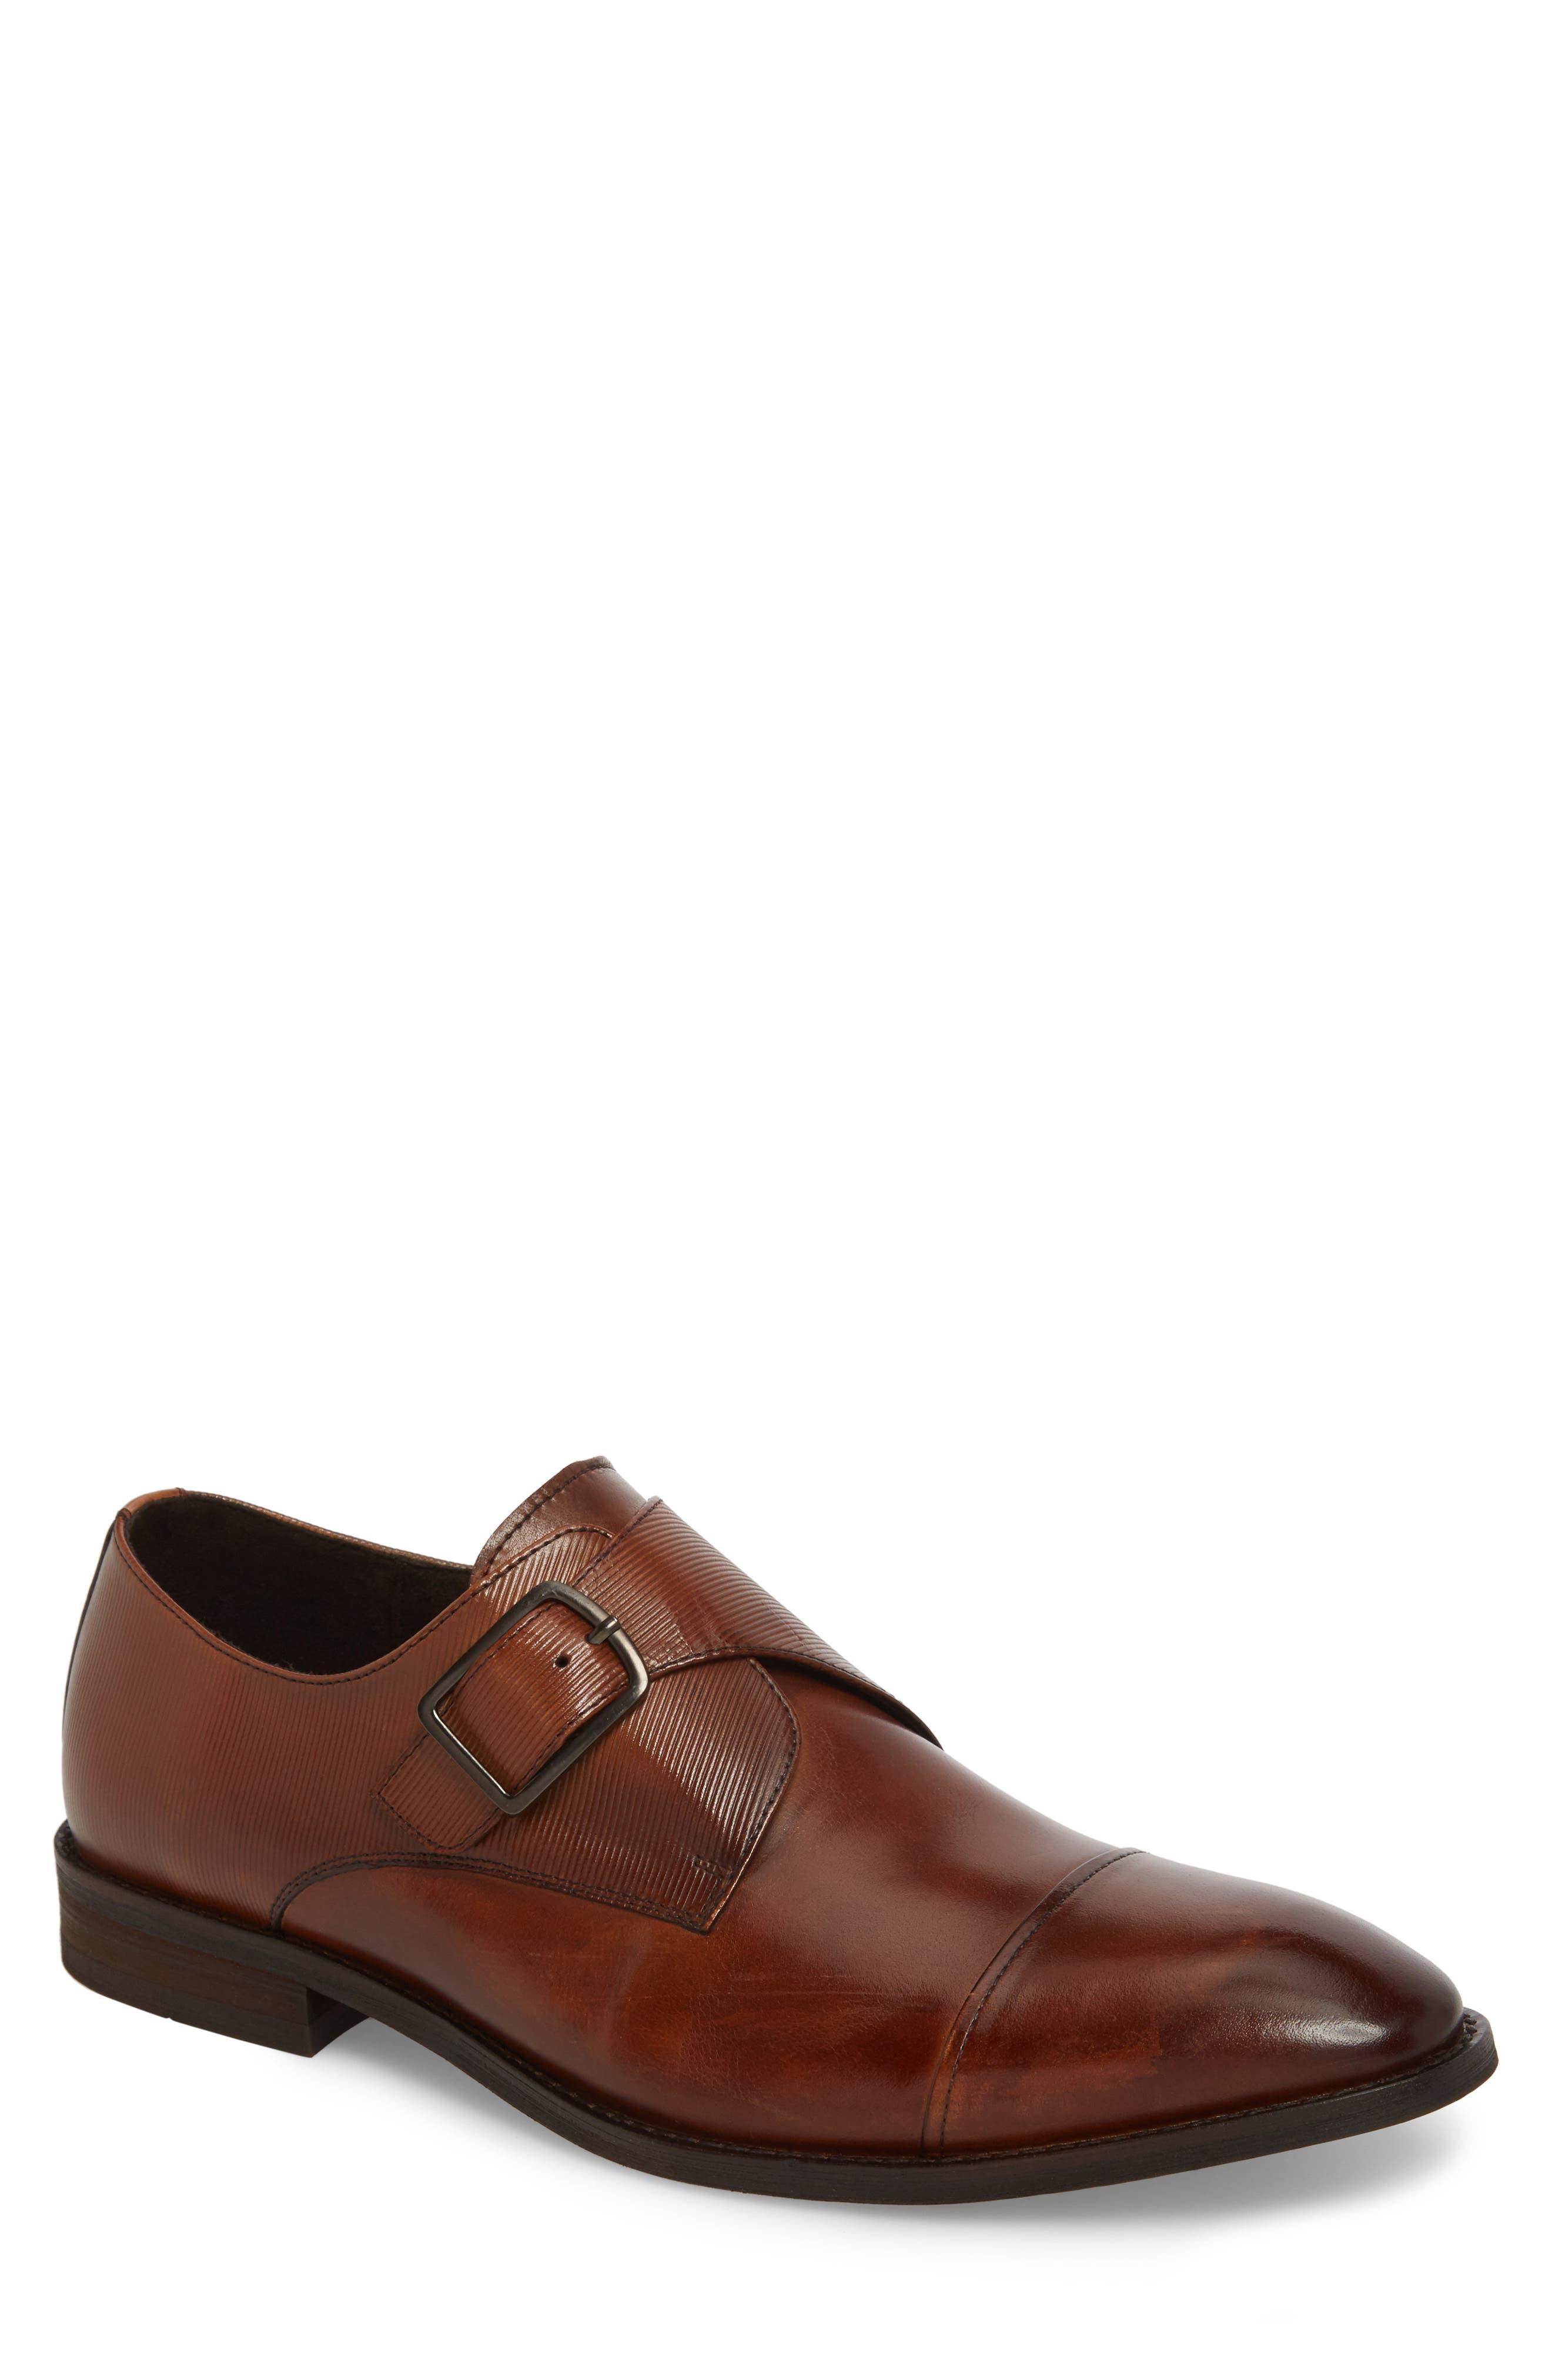 Courage Monk Strap Shoe,                             Main thumbnail 1, color,                             Cognac Leather